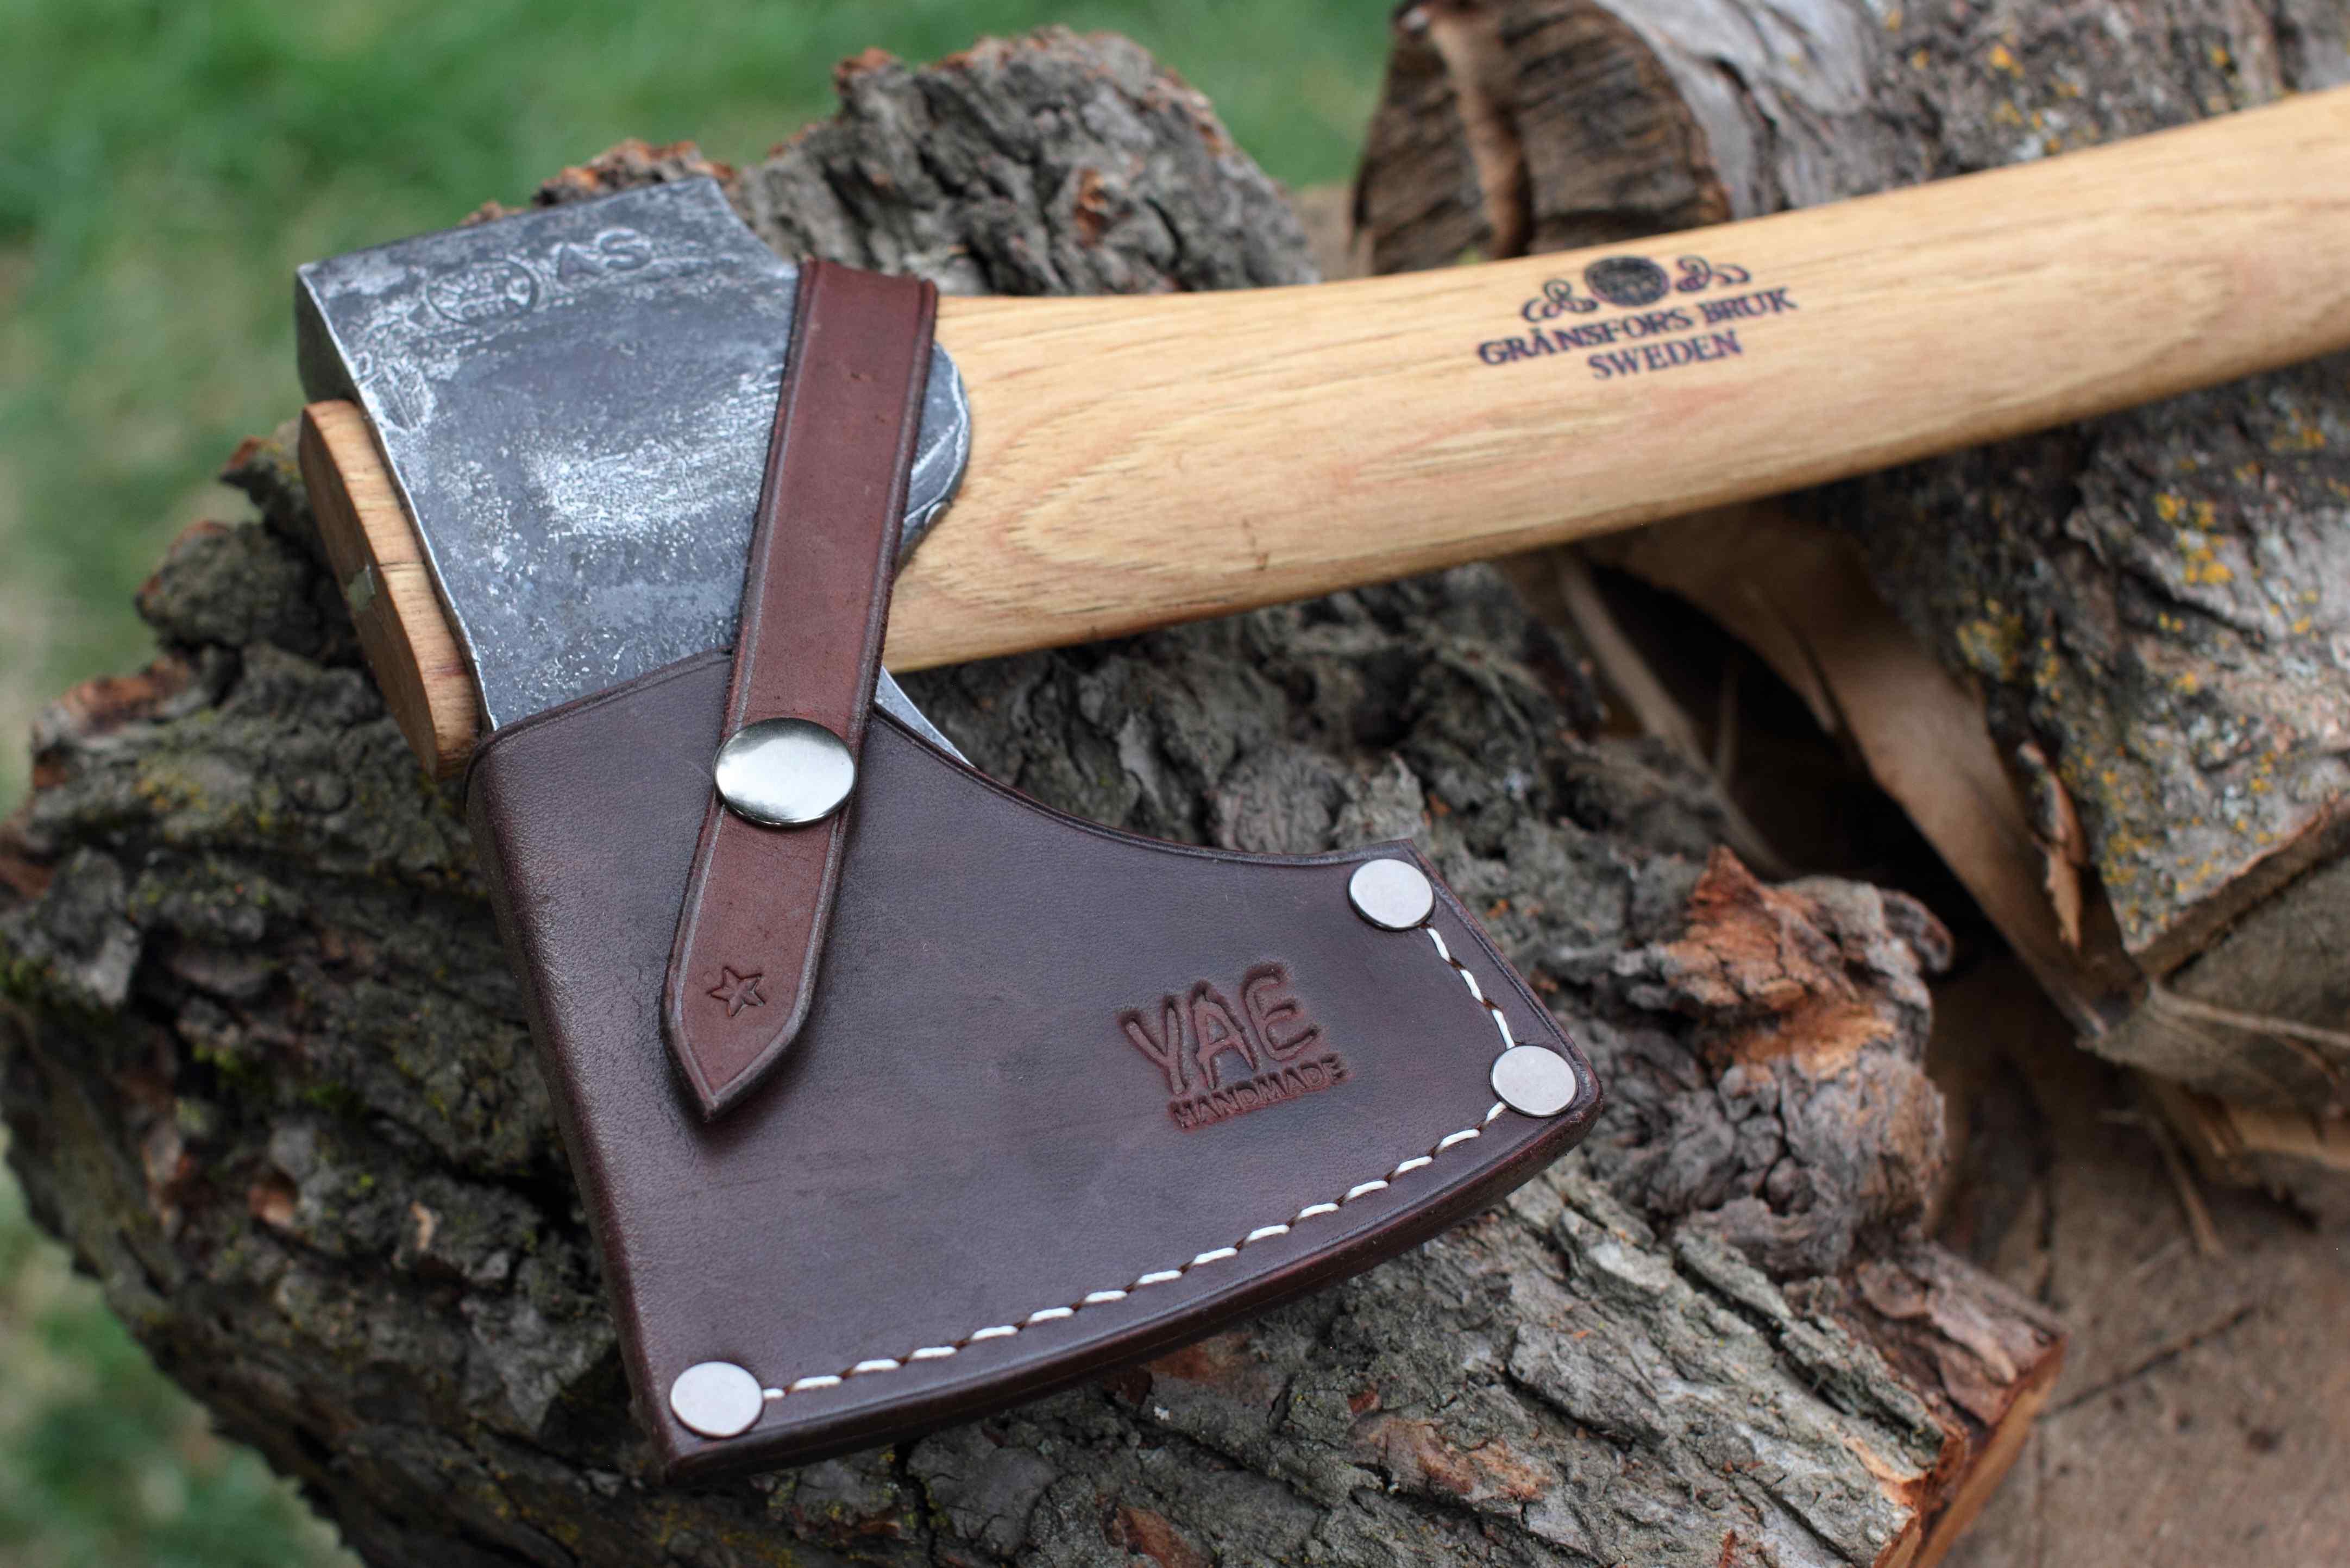 YAE Axe Sheath For Gransfors Bruks Scandinavian Forest Handmade